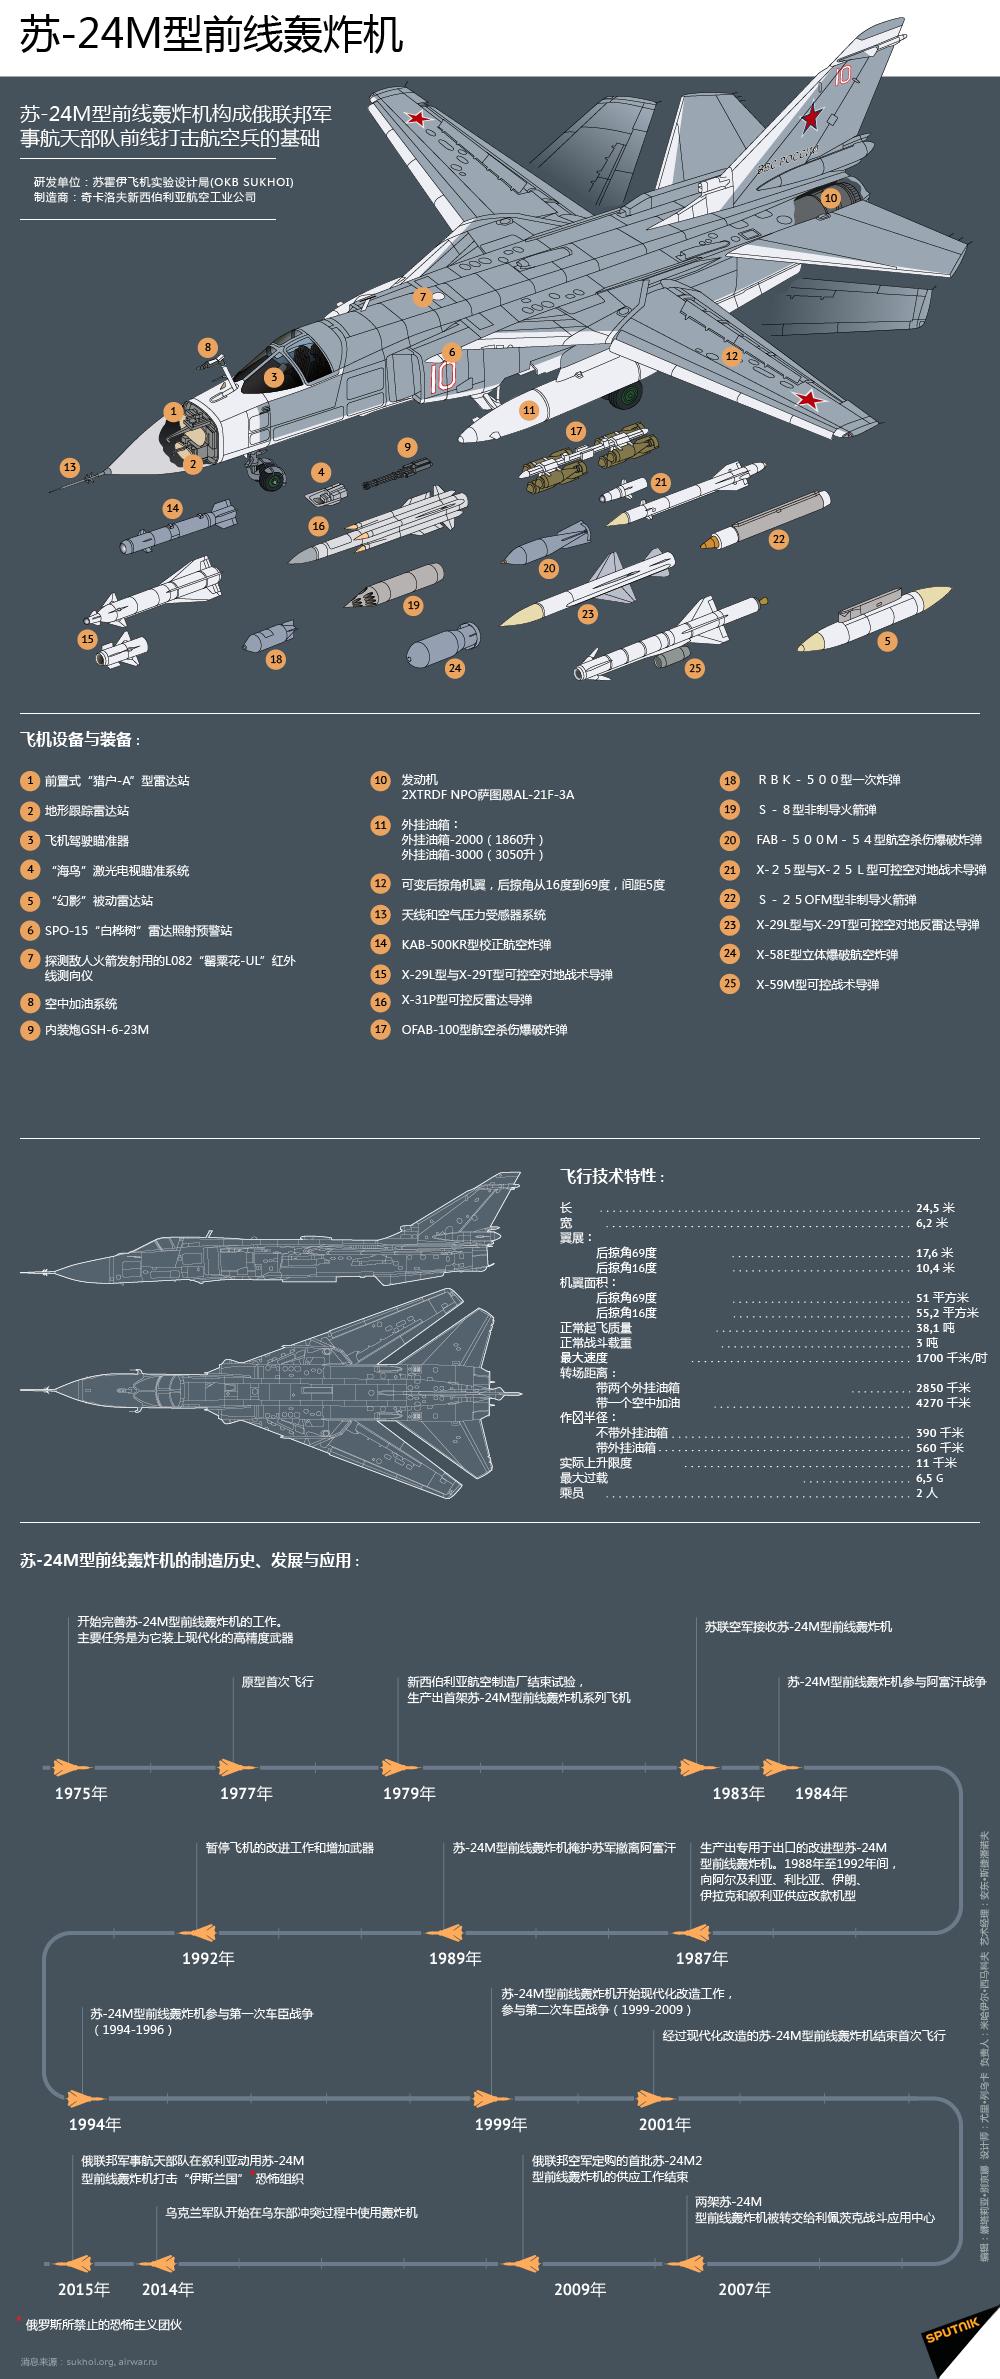 苏-24M型前线轰炸机